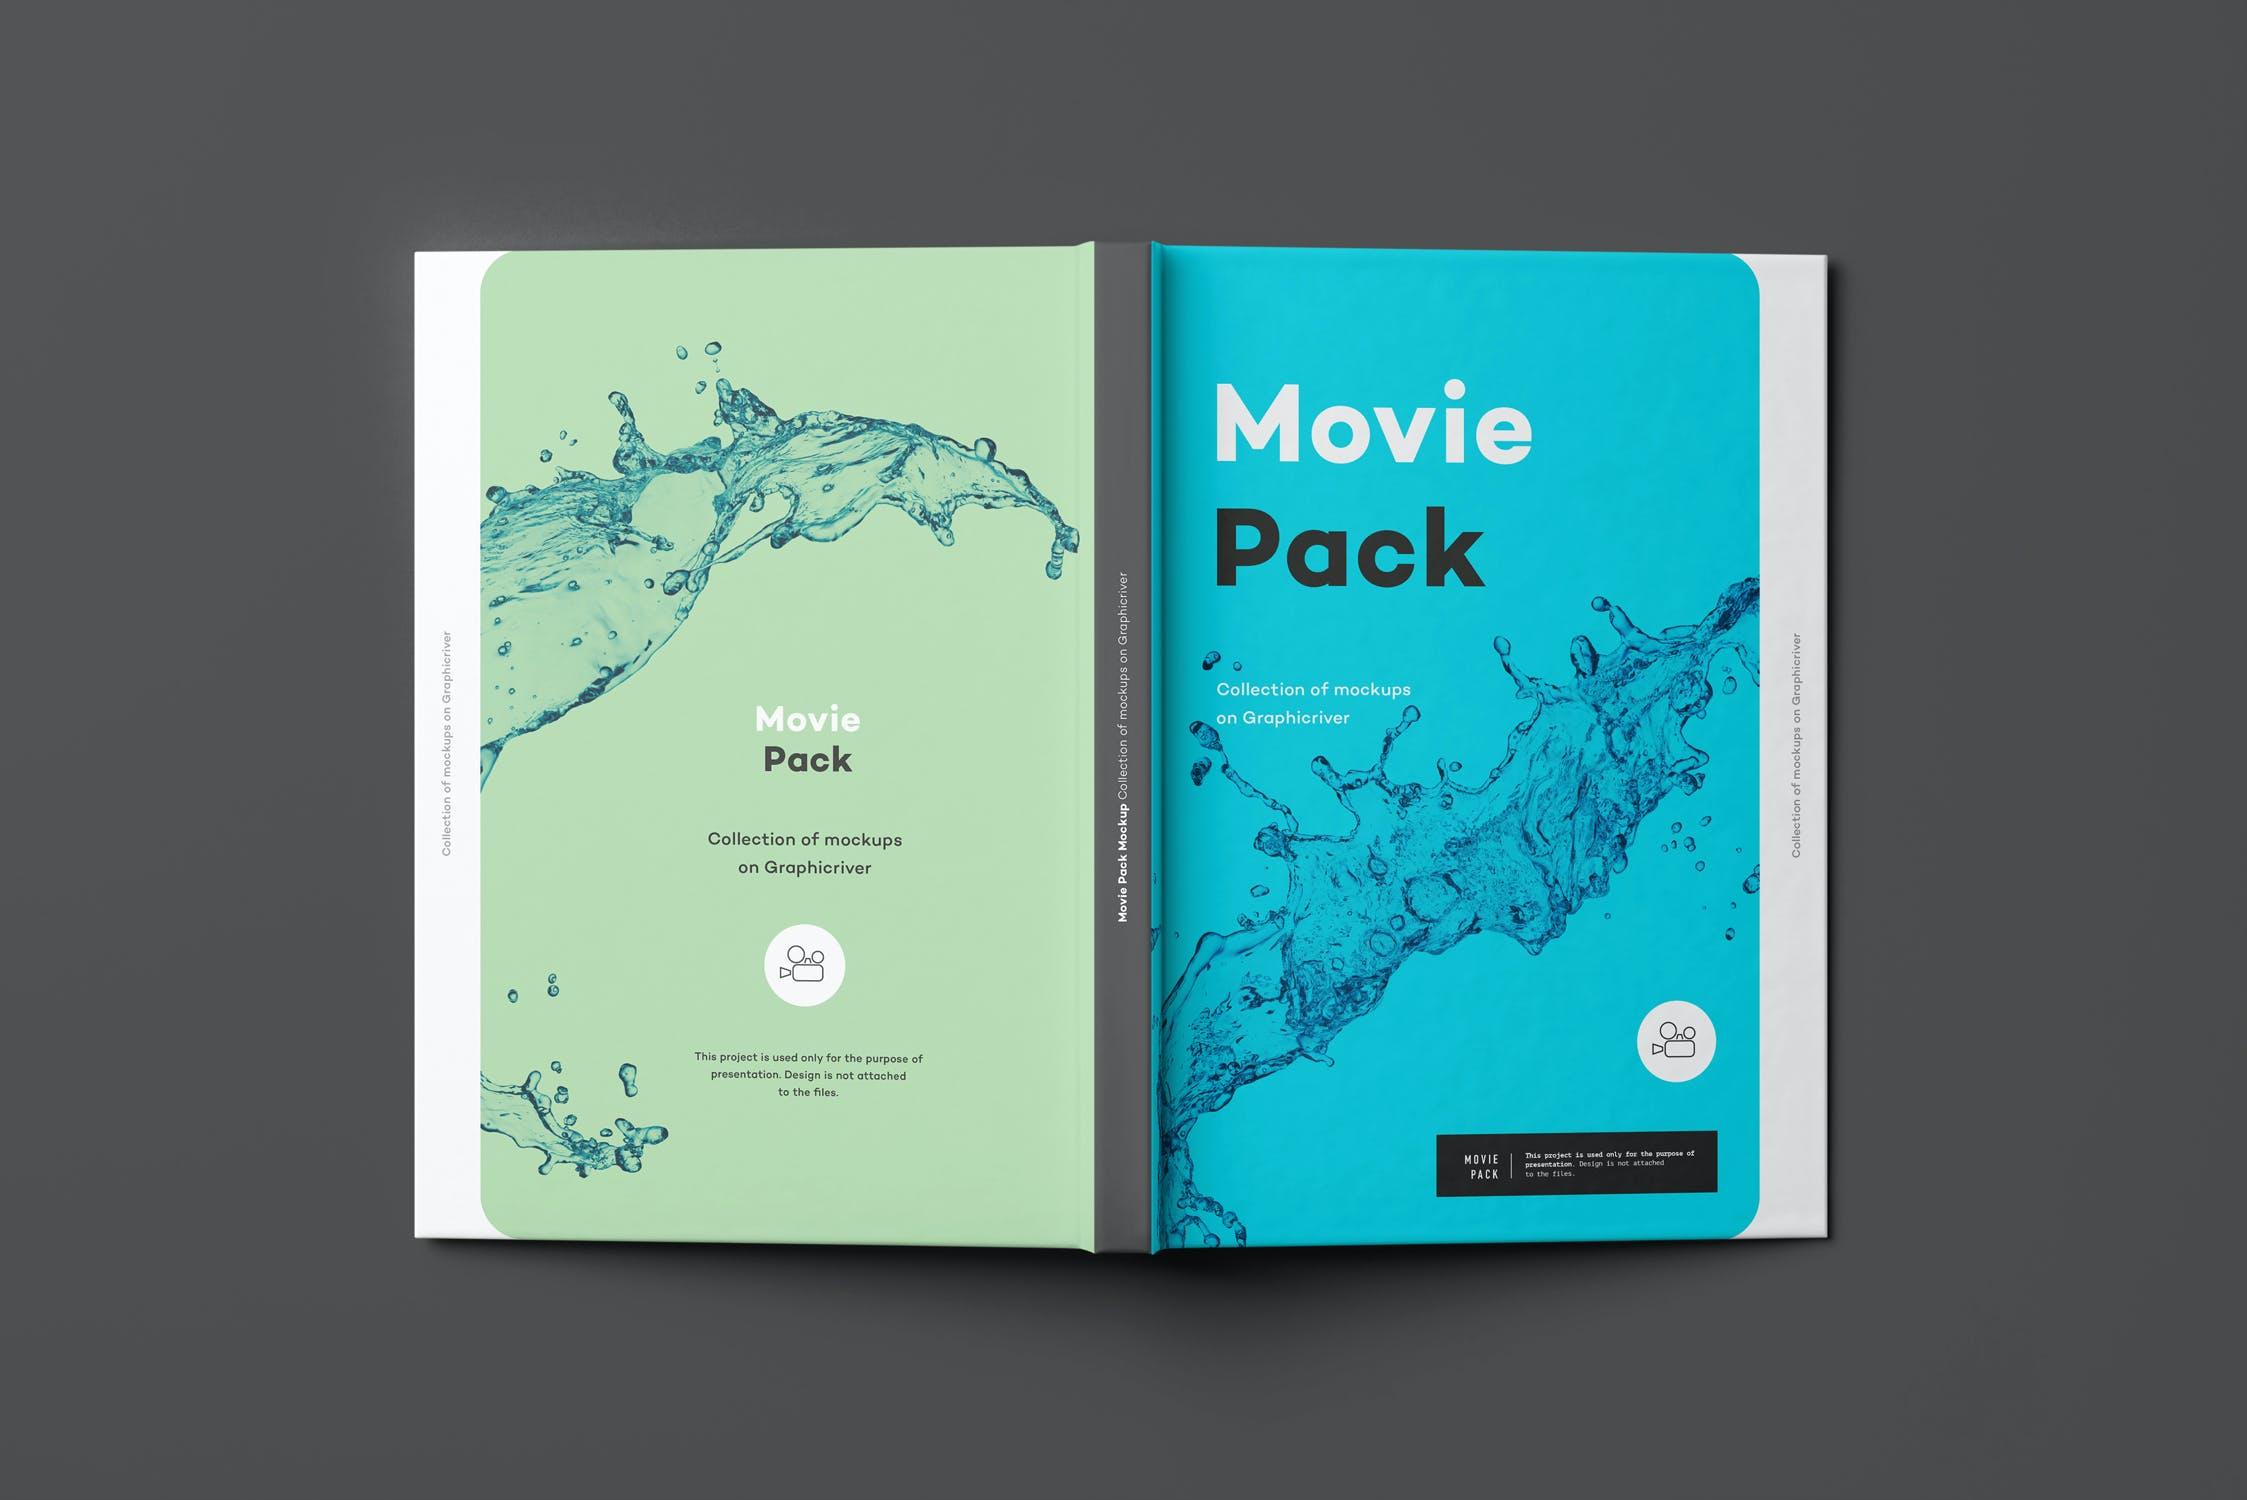 14款电影CD光盘包装纸盒设计展示样机 Movie Mockup 2插图(6)